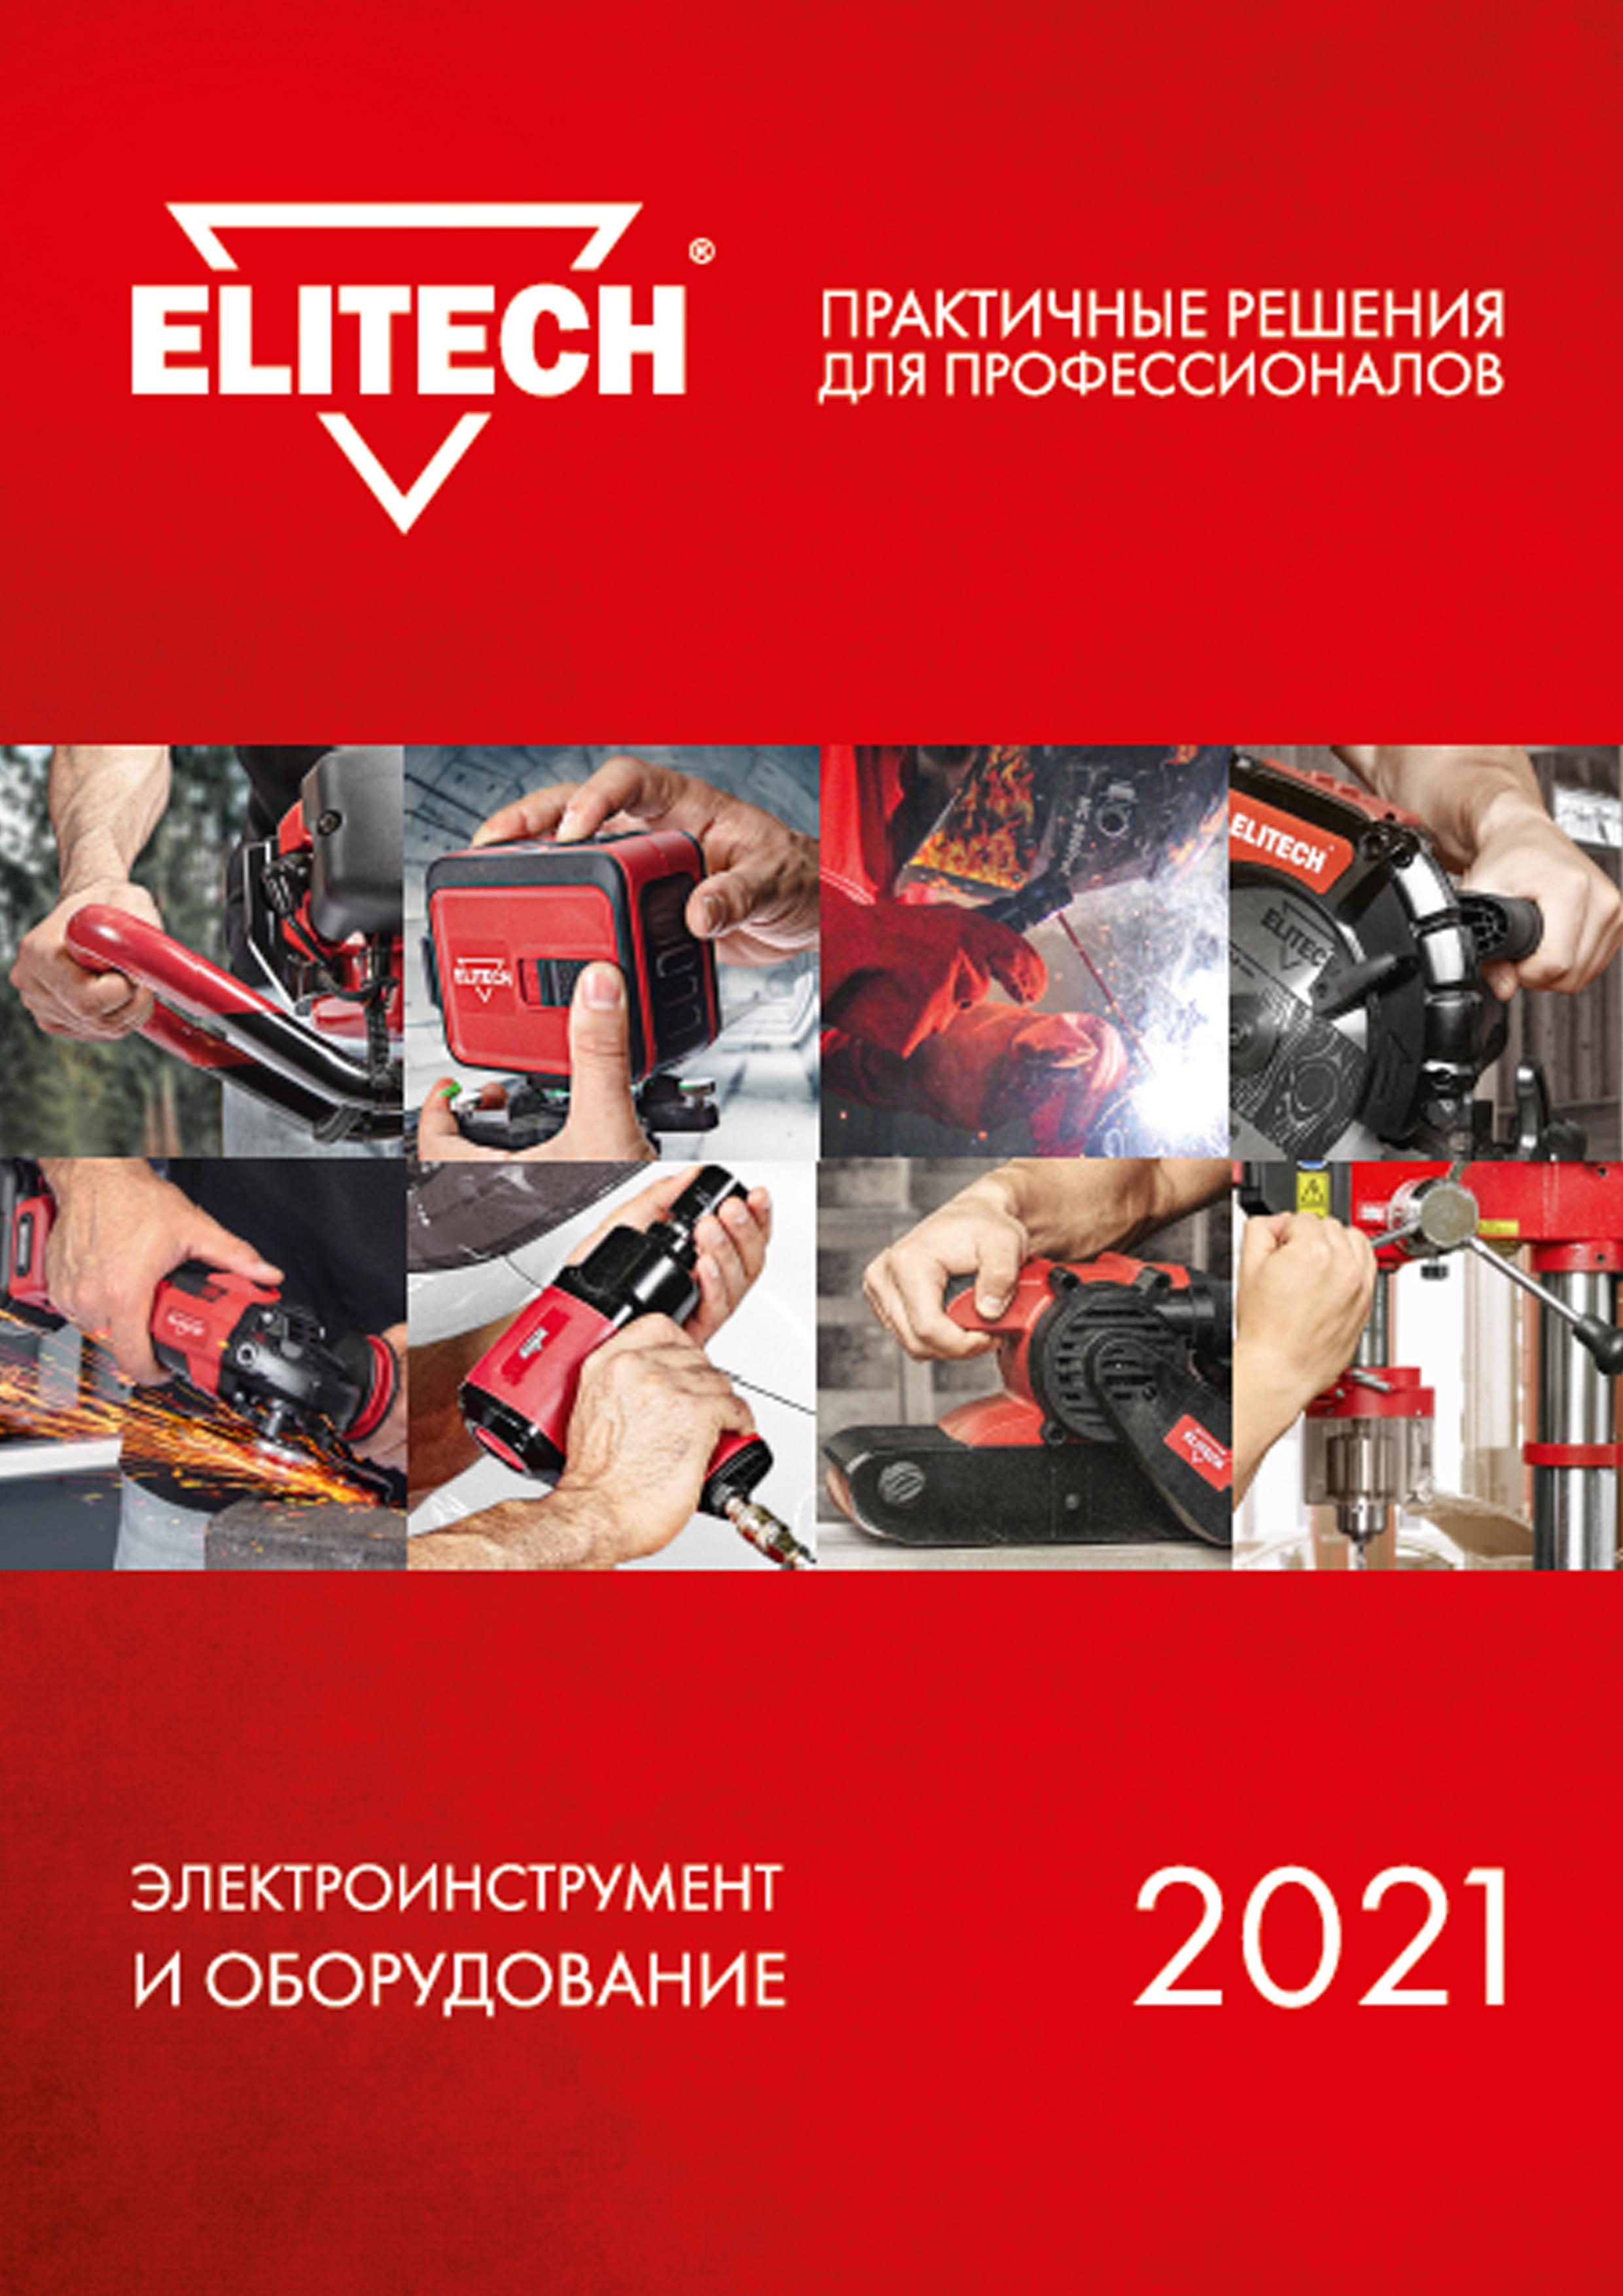 Электроинструмент и оборудование ELITECH 2021